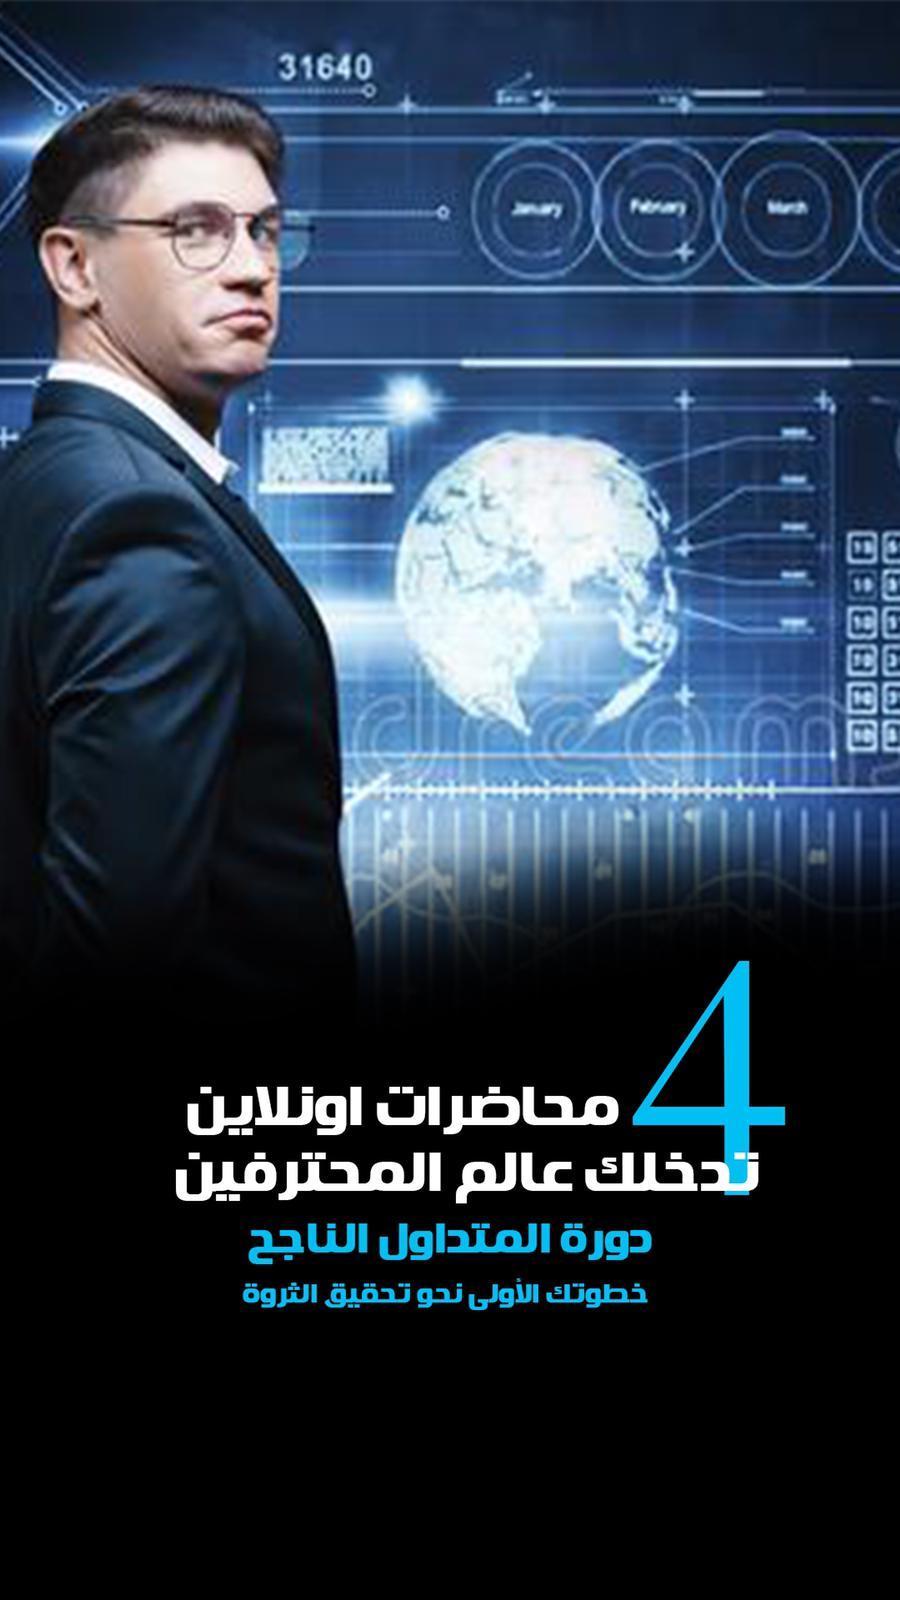 الأكاديمية العربية لتعليم التداول Daddy p_210057q7p6sjej3.jp